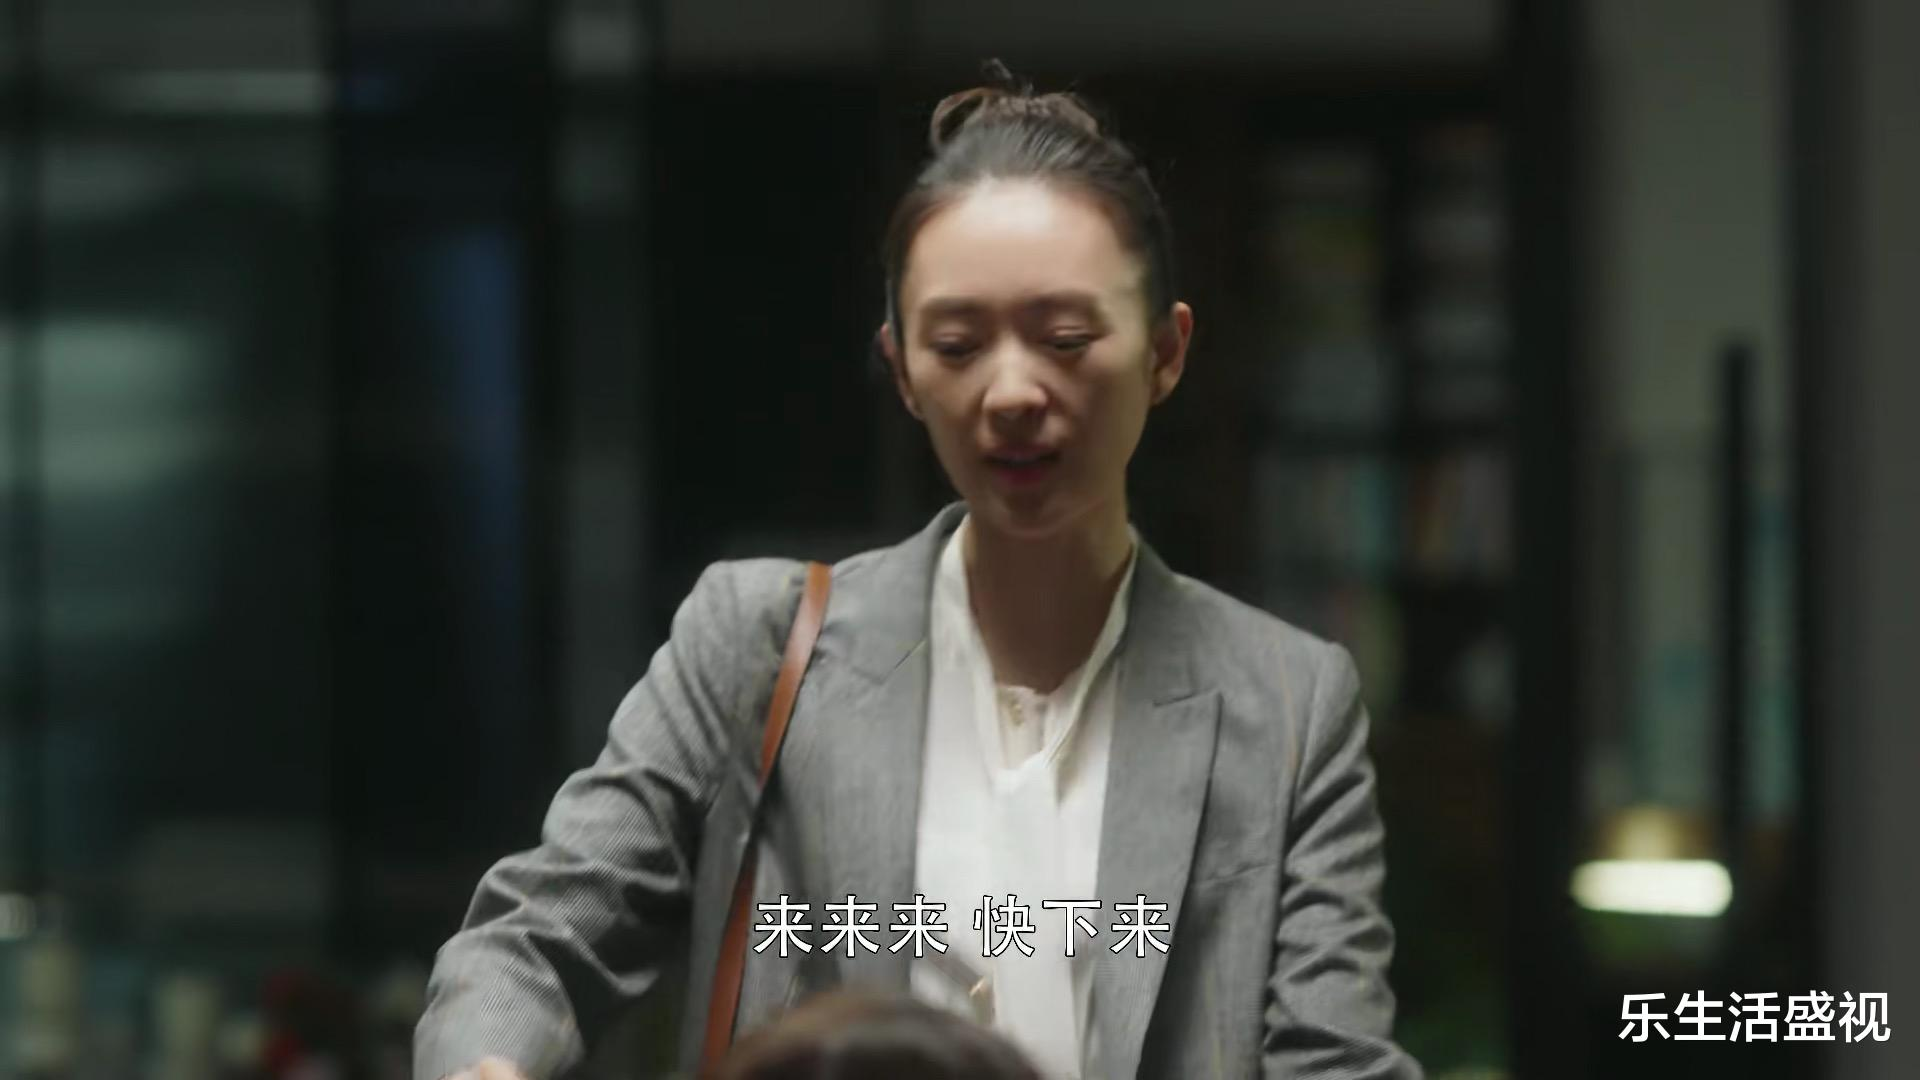 《三十而已》许幻山根本不担心烟花厂破产,林有有早就知道真相,顾佳好傻